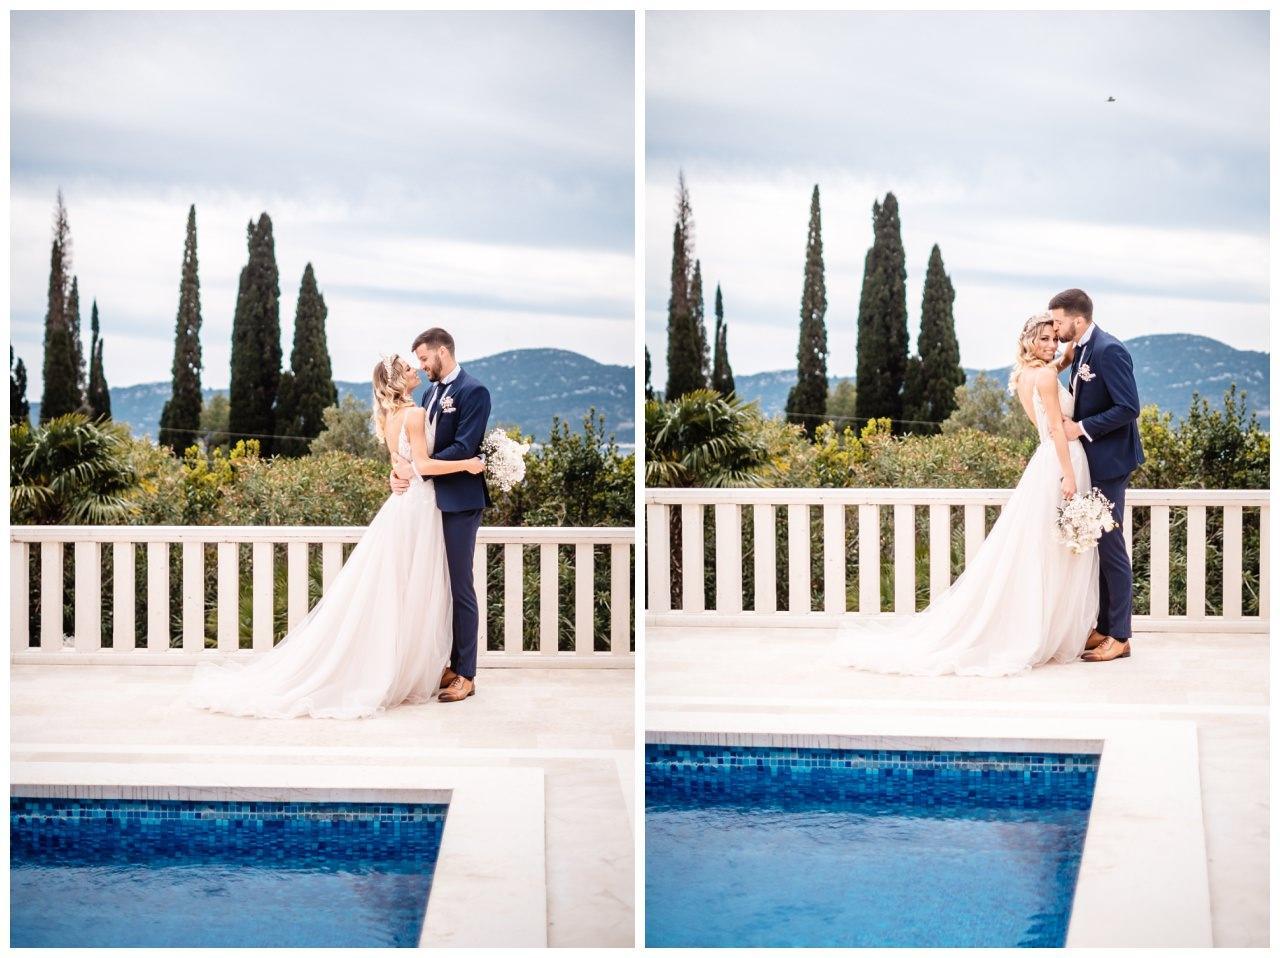 Hochzeit Villa Kroatien Hochzeitsplanung Fotograf 35 - Romantische Hochzeit in einer Villa